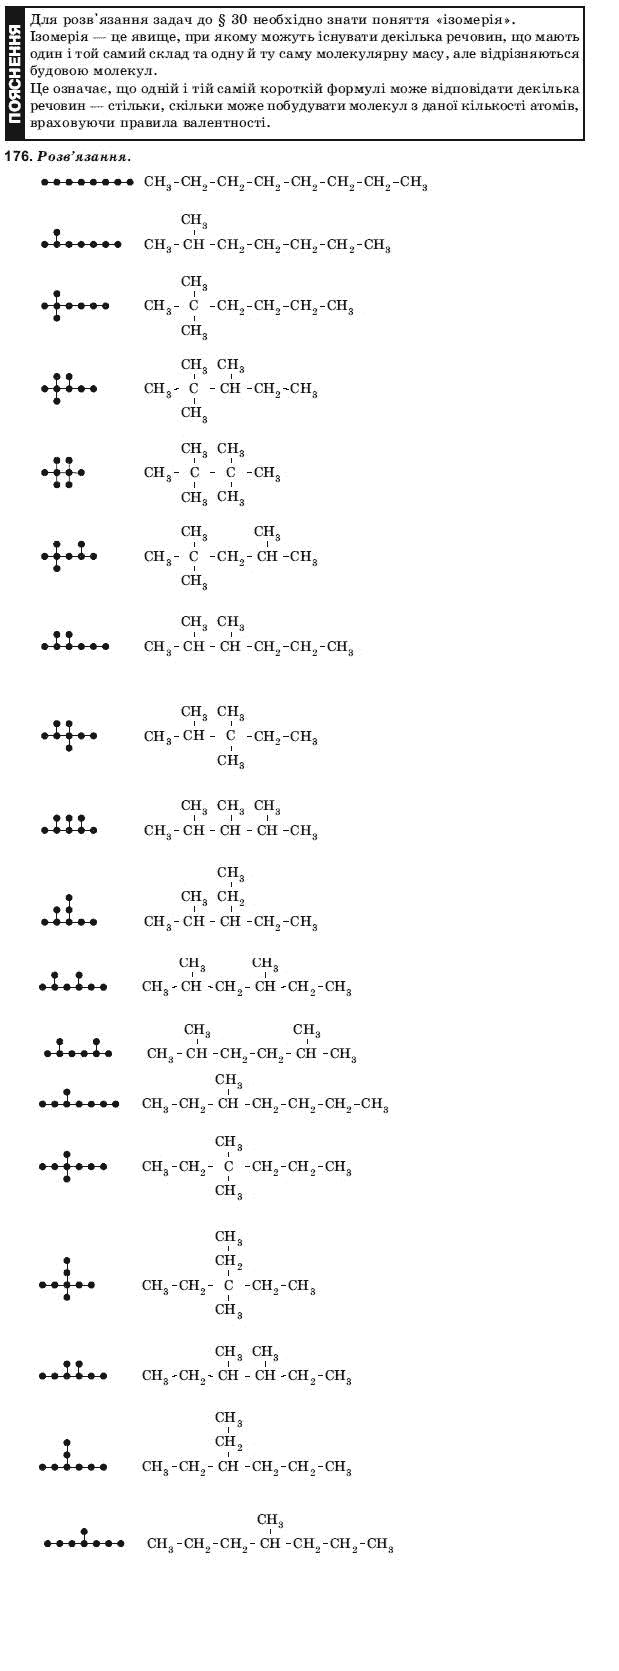 ГДЗ по химии 10 класс Н.М.Буринська, Л.П. Величко § 30. Теорія хімічної будови органічних сполук. Задание: 176